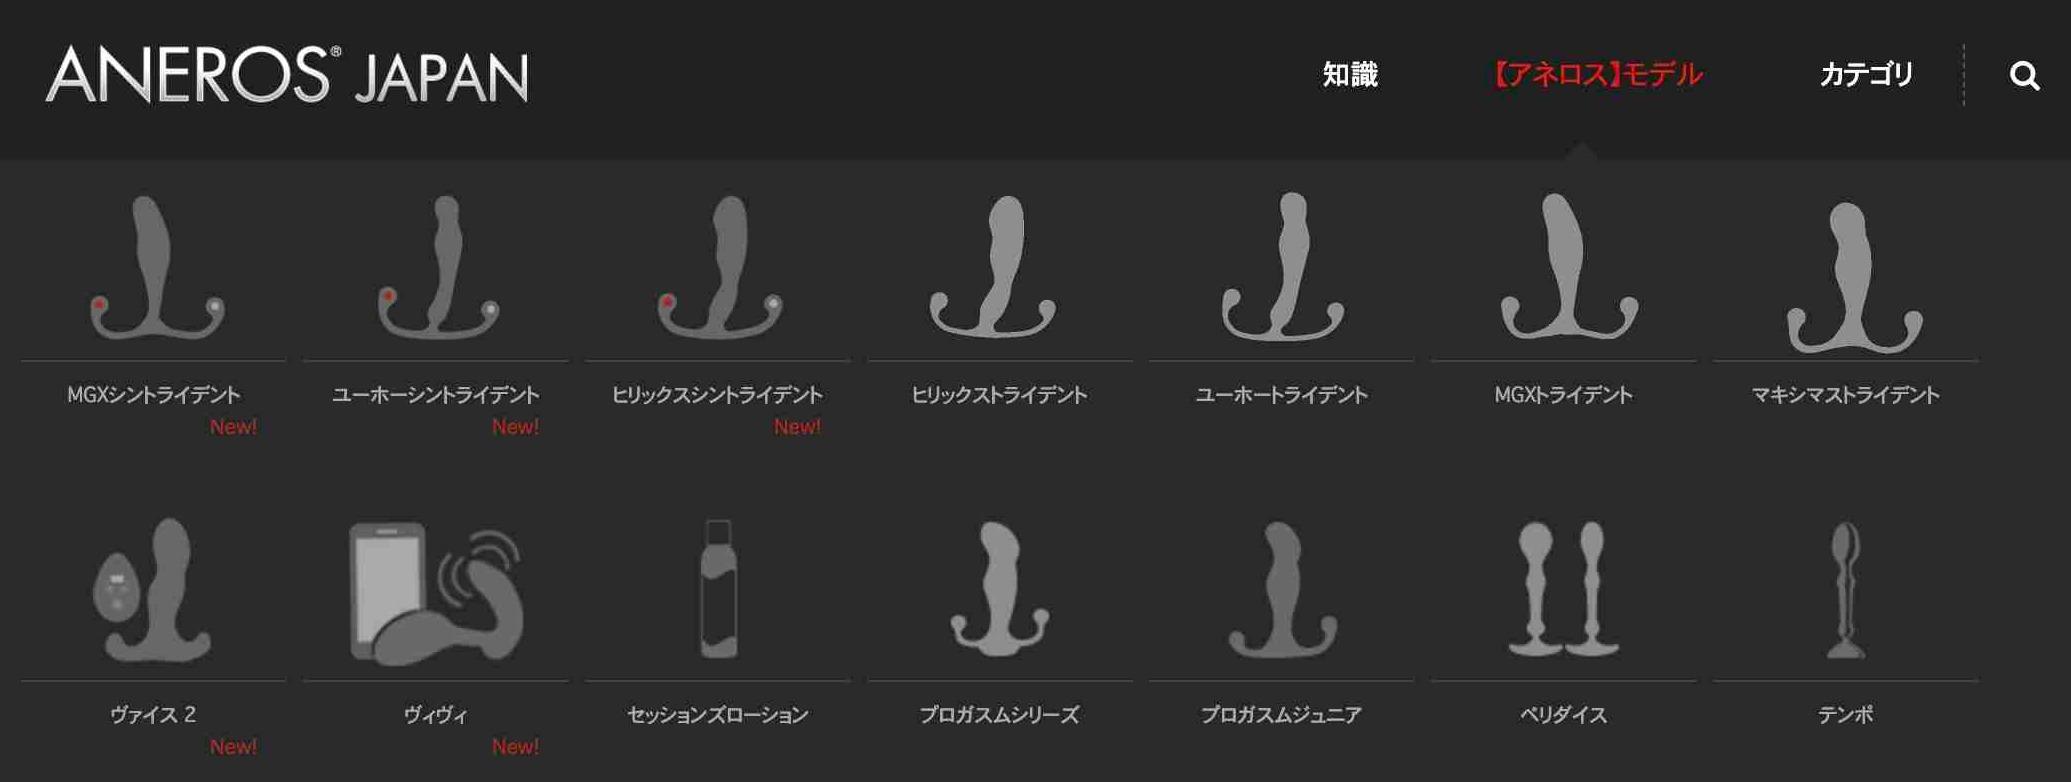 """【なぜイケない!?】""""アネロス商品""""でメスイキ・ドライオーガズムが体験できない理由とは?"""